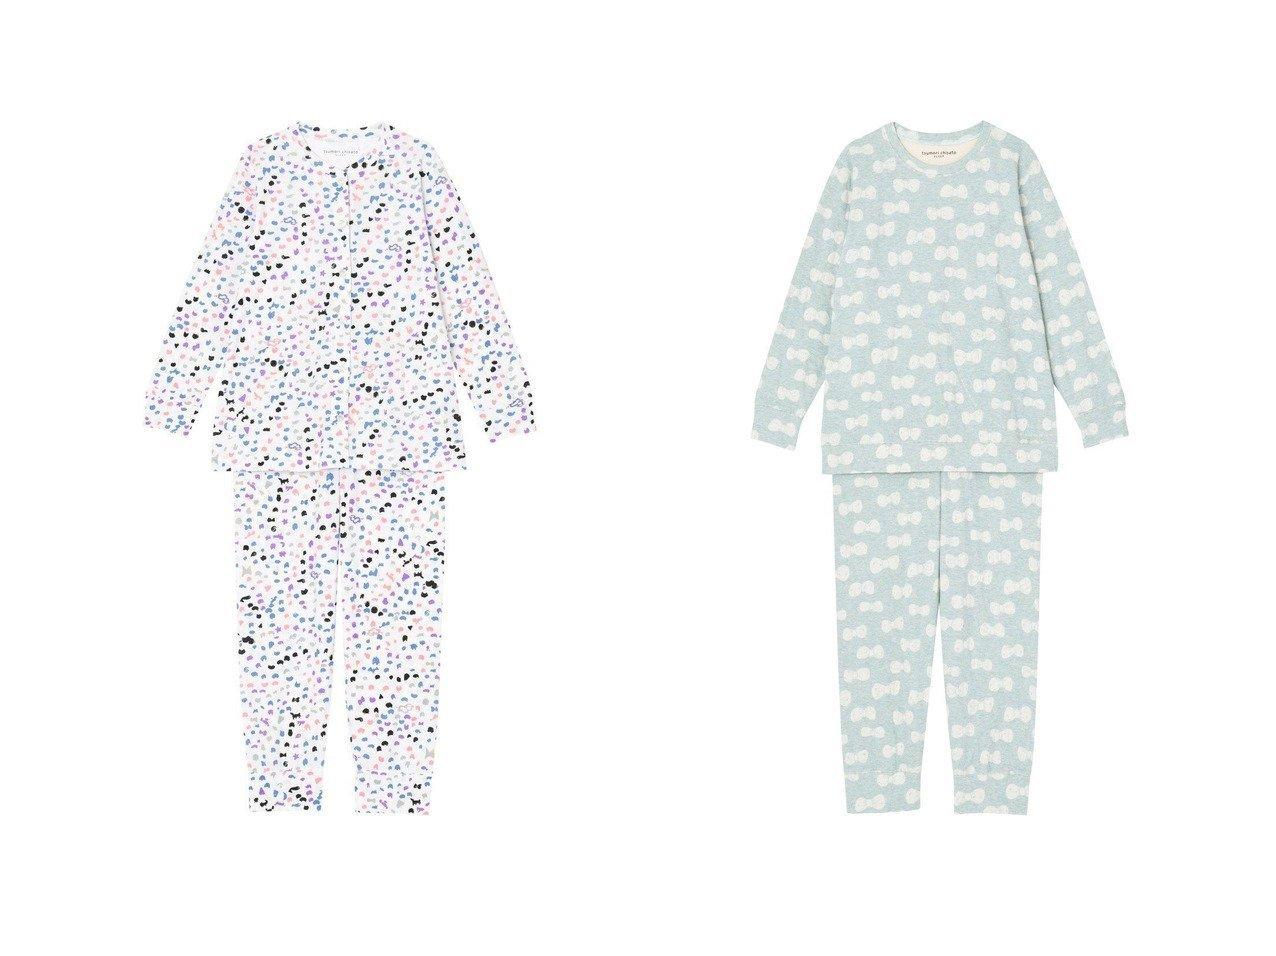 【tsumori chisato SLEEP/ツモリチサト スリープ】のパジャマ ロング袖ロングパンツ ネコやヒツジの水玉風ワコール UDX508&パジャマ ロング袖ロングパンツ リボンのモチーフワコール UDQ233 おすすめ!人気、トレンド・レディースファッションの通販 おすすめで人気の流行・トレンド、ファッションの通販商品 インテリア・家具・メンズファッション・キッズファッション・レディースファッション・服の通販 founy(ファニー) https://founy.com/ ファッション Fashion レディースファッション WOMEN パンツ Pants 送料無料 Free Shipping アンダー ネコ パジャマ ロング 水玉 秋 Autumn/Fall ジャカード モチーフ リボン |ID:crp329100000070613